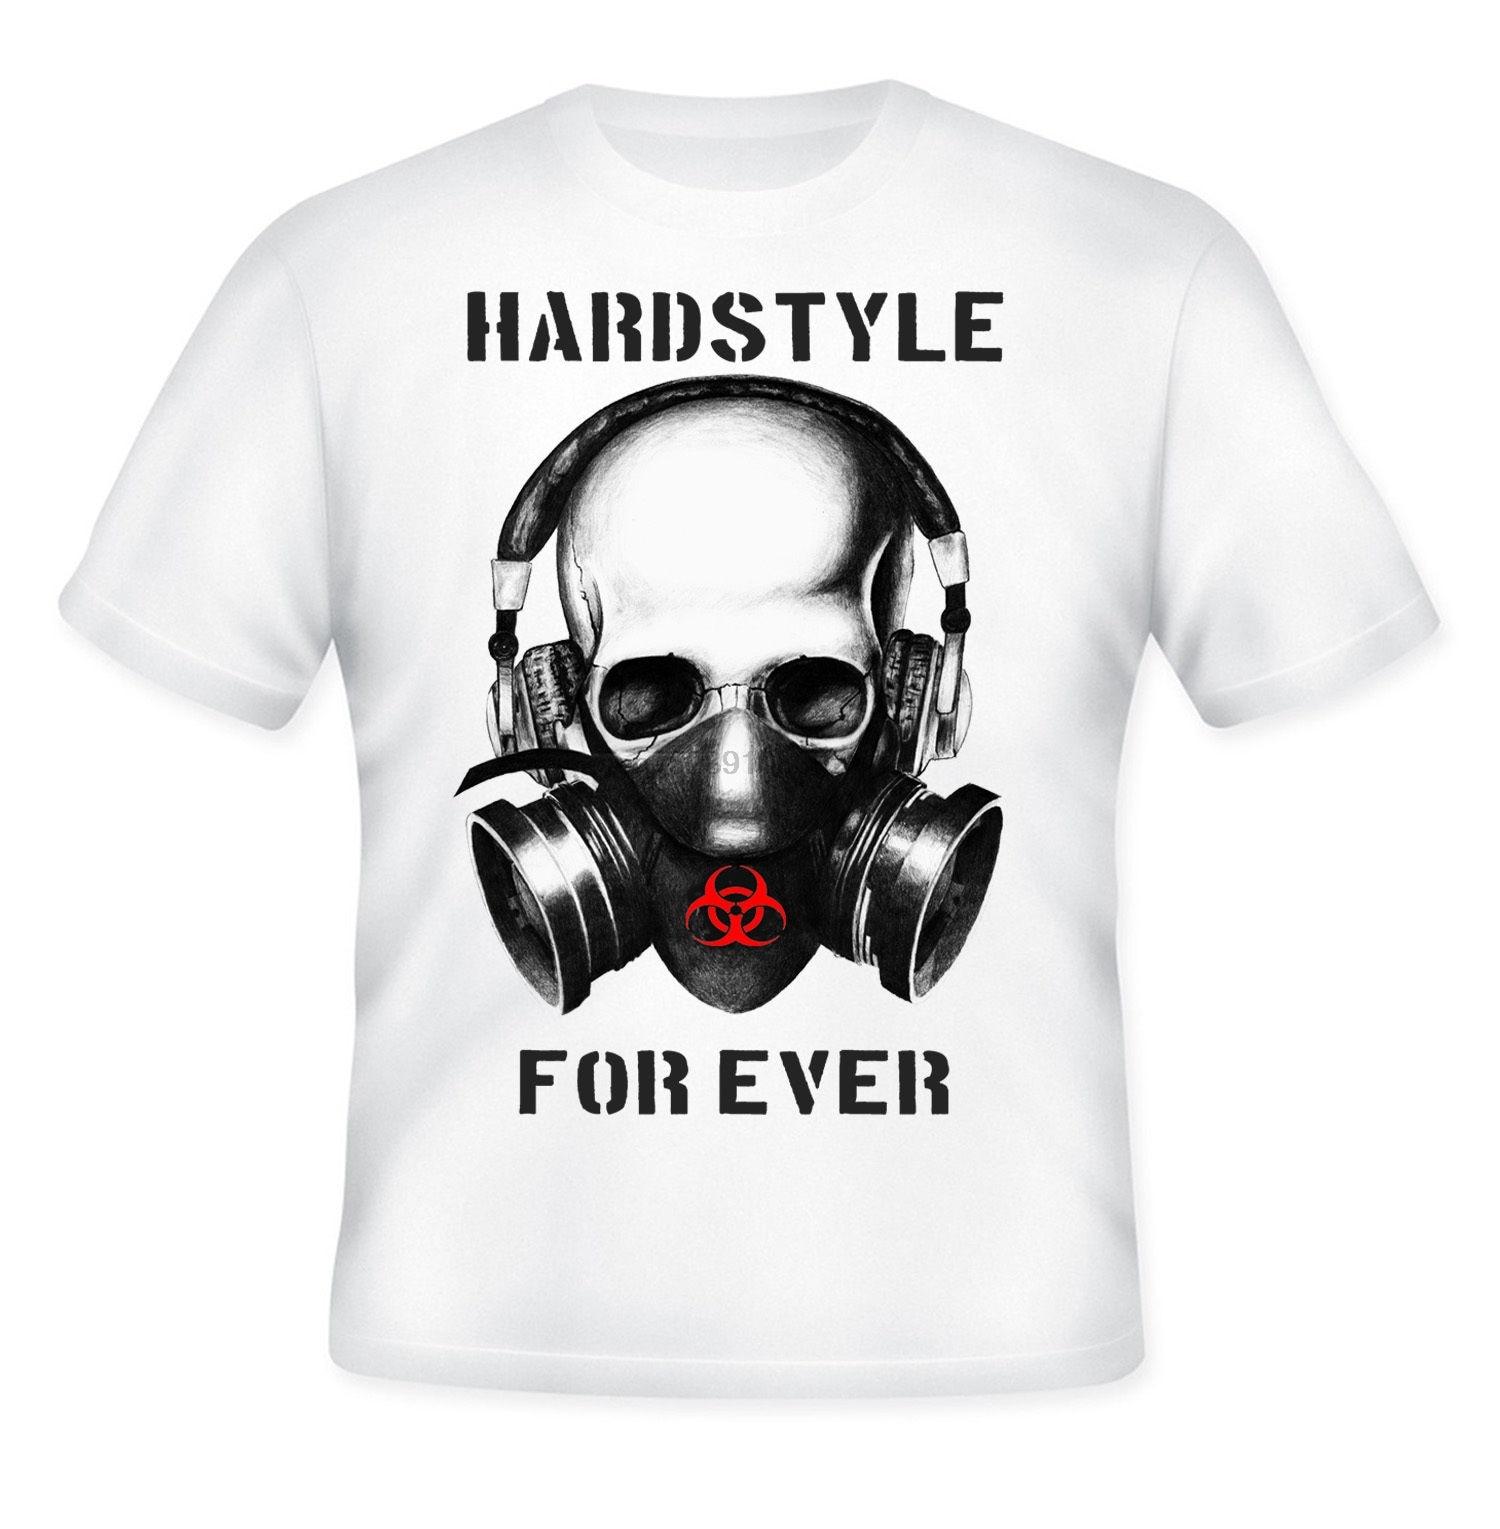 2019 nueva camiseta Cool HARDSTYLE para siempre-Nueva camiseta increíble con cita gráfica-S-M-L-XL-XXL (2)